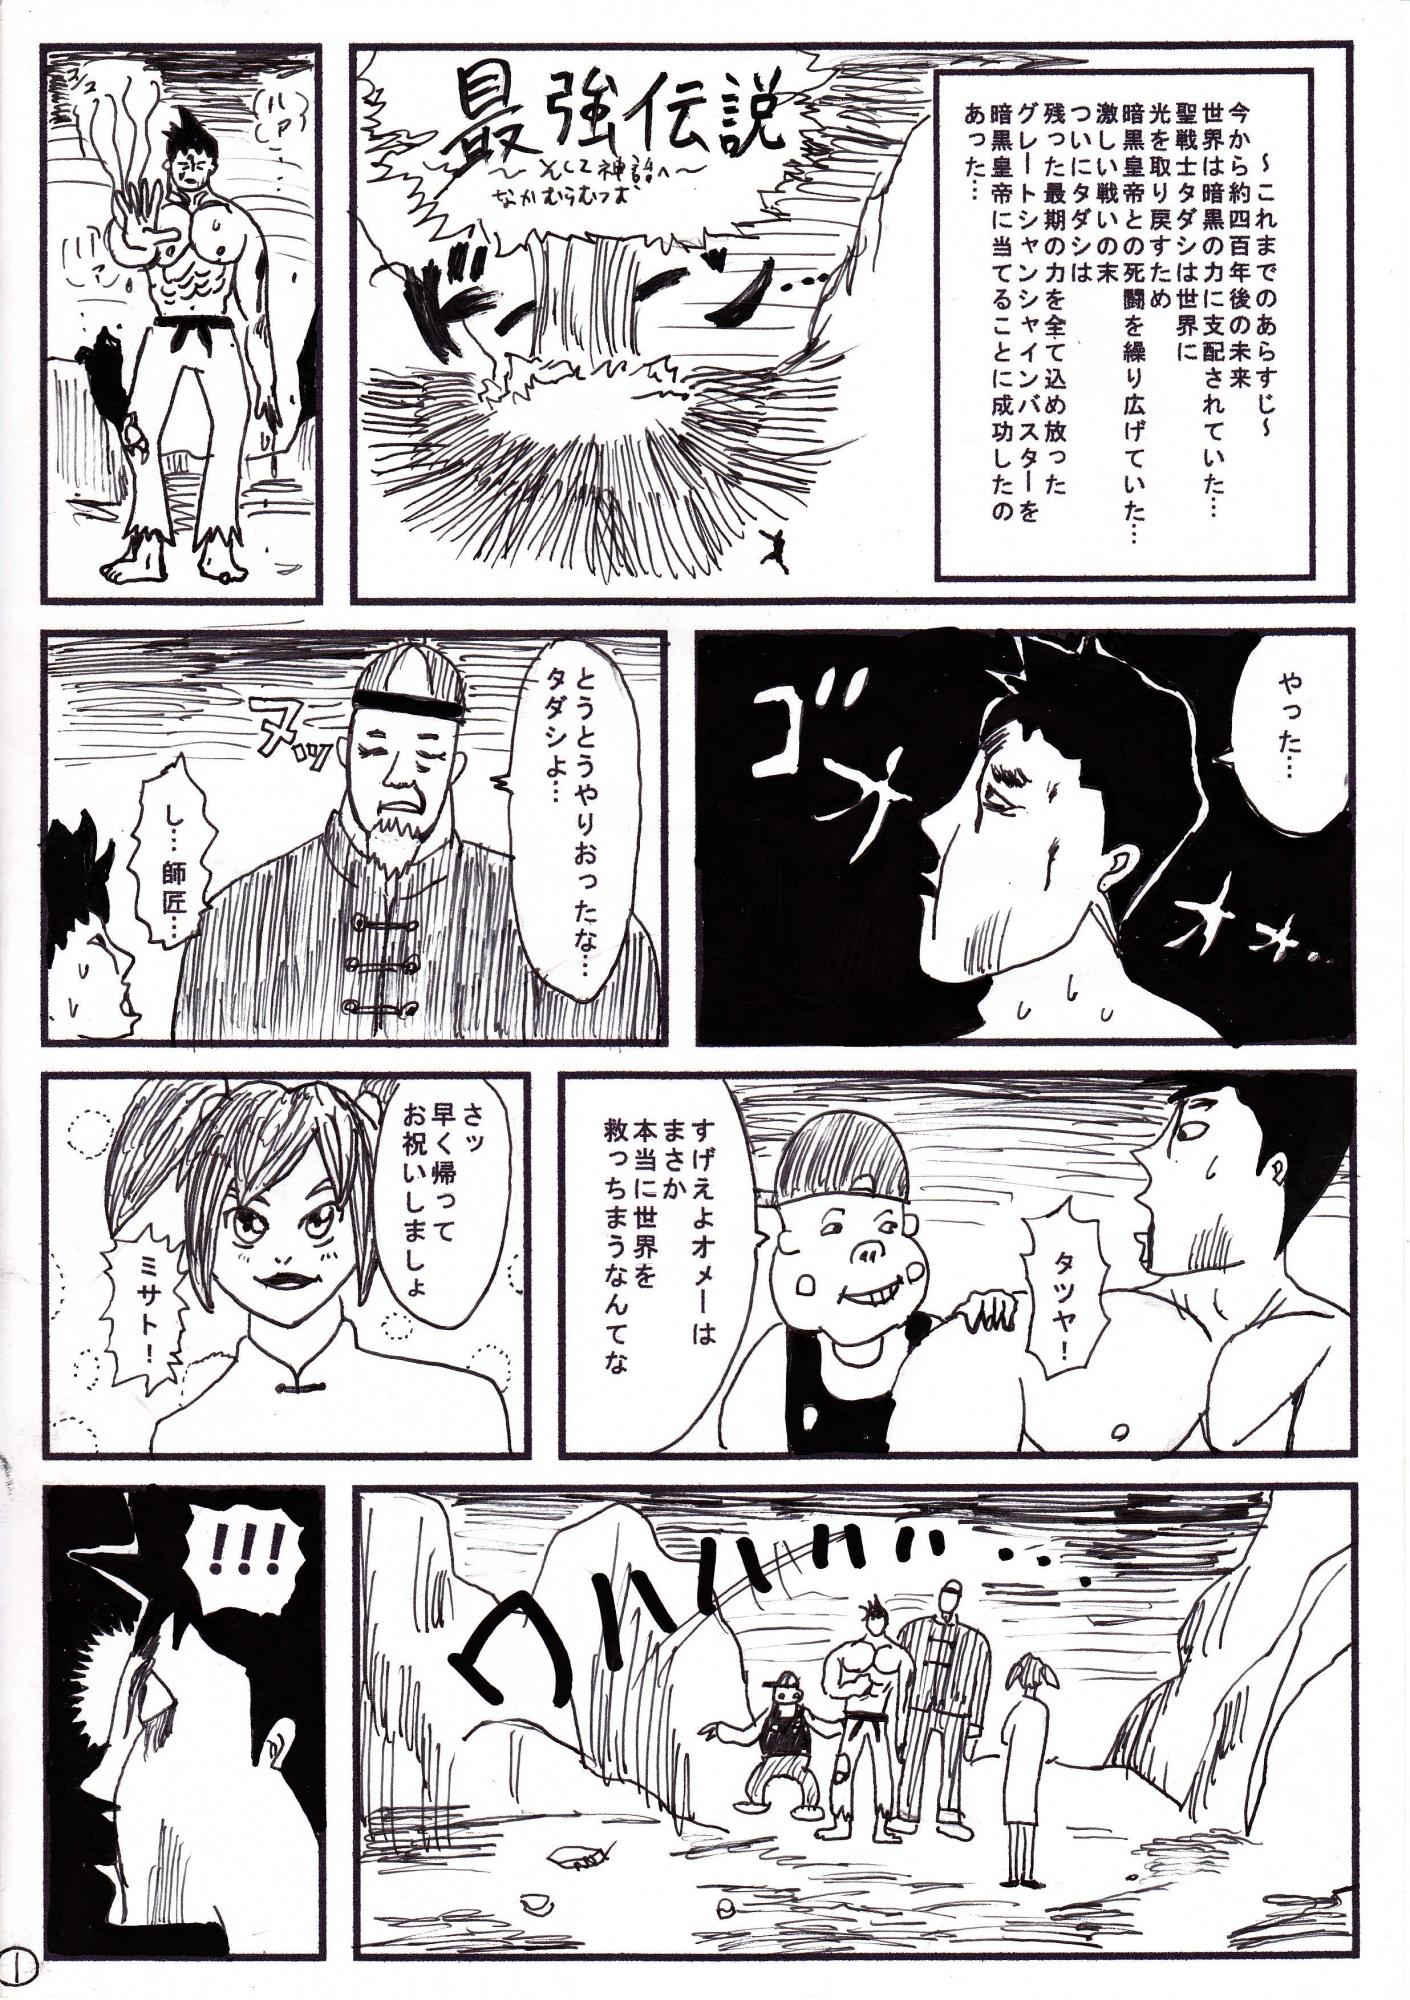 中村むつおのWEB漫画第四回「最強伝説」